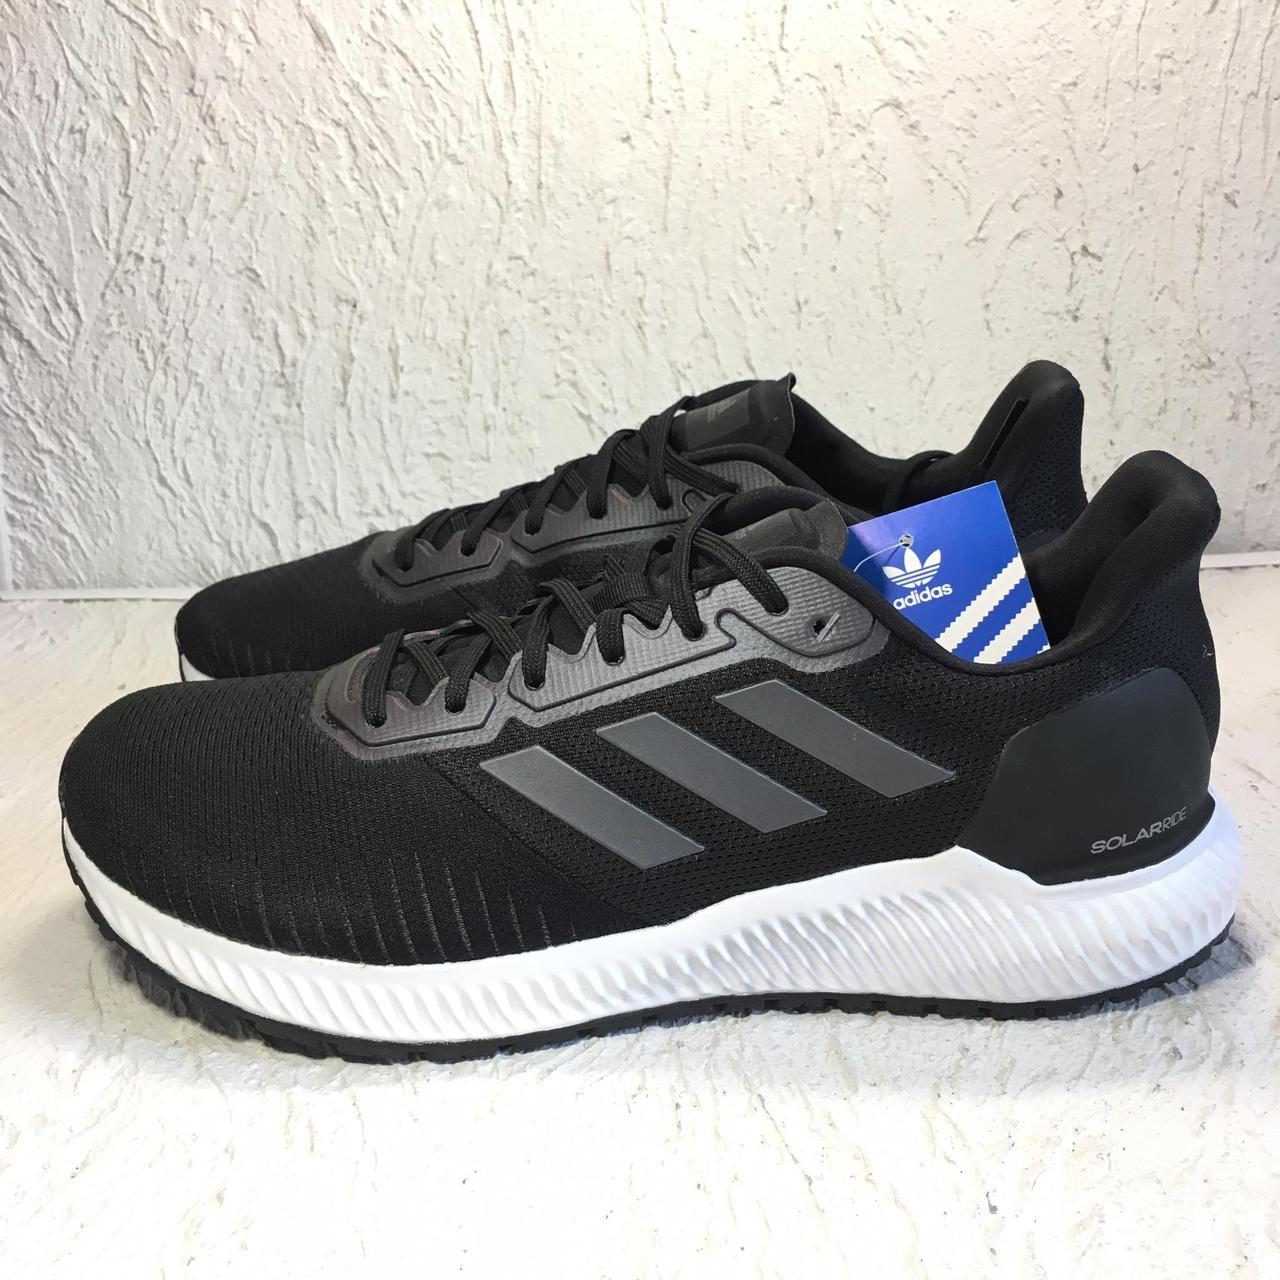 Кроссовки для бега Adidas Solar Ride EF1426 44 размер